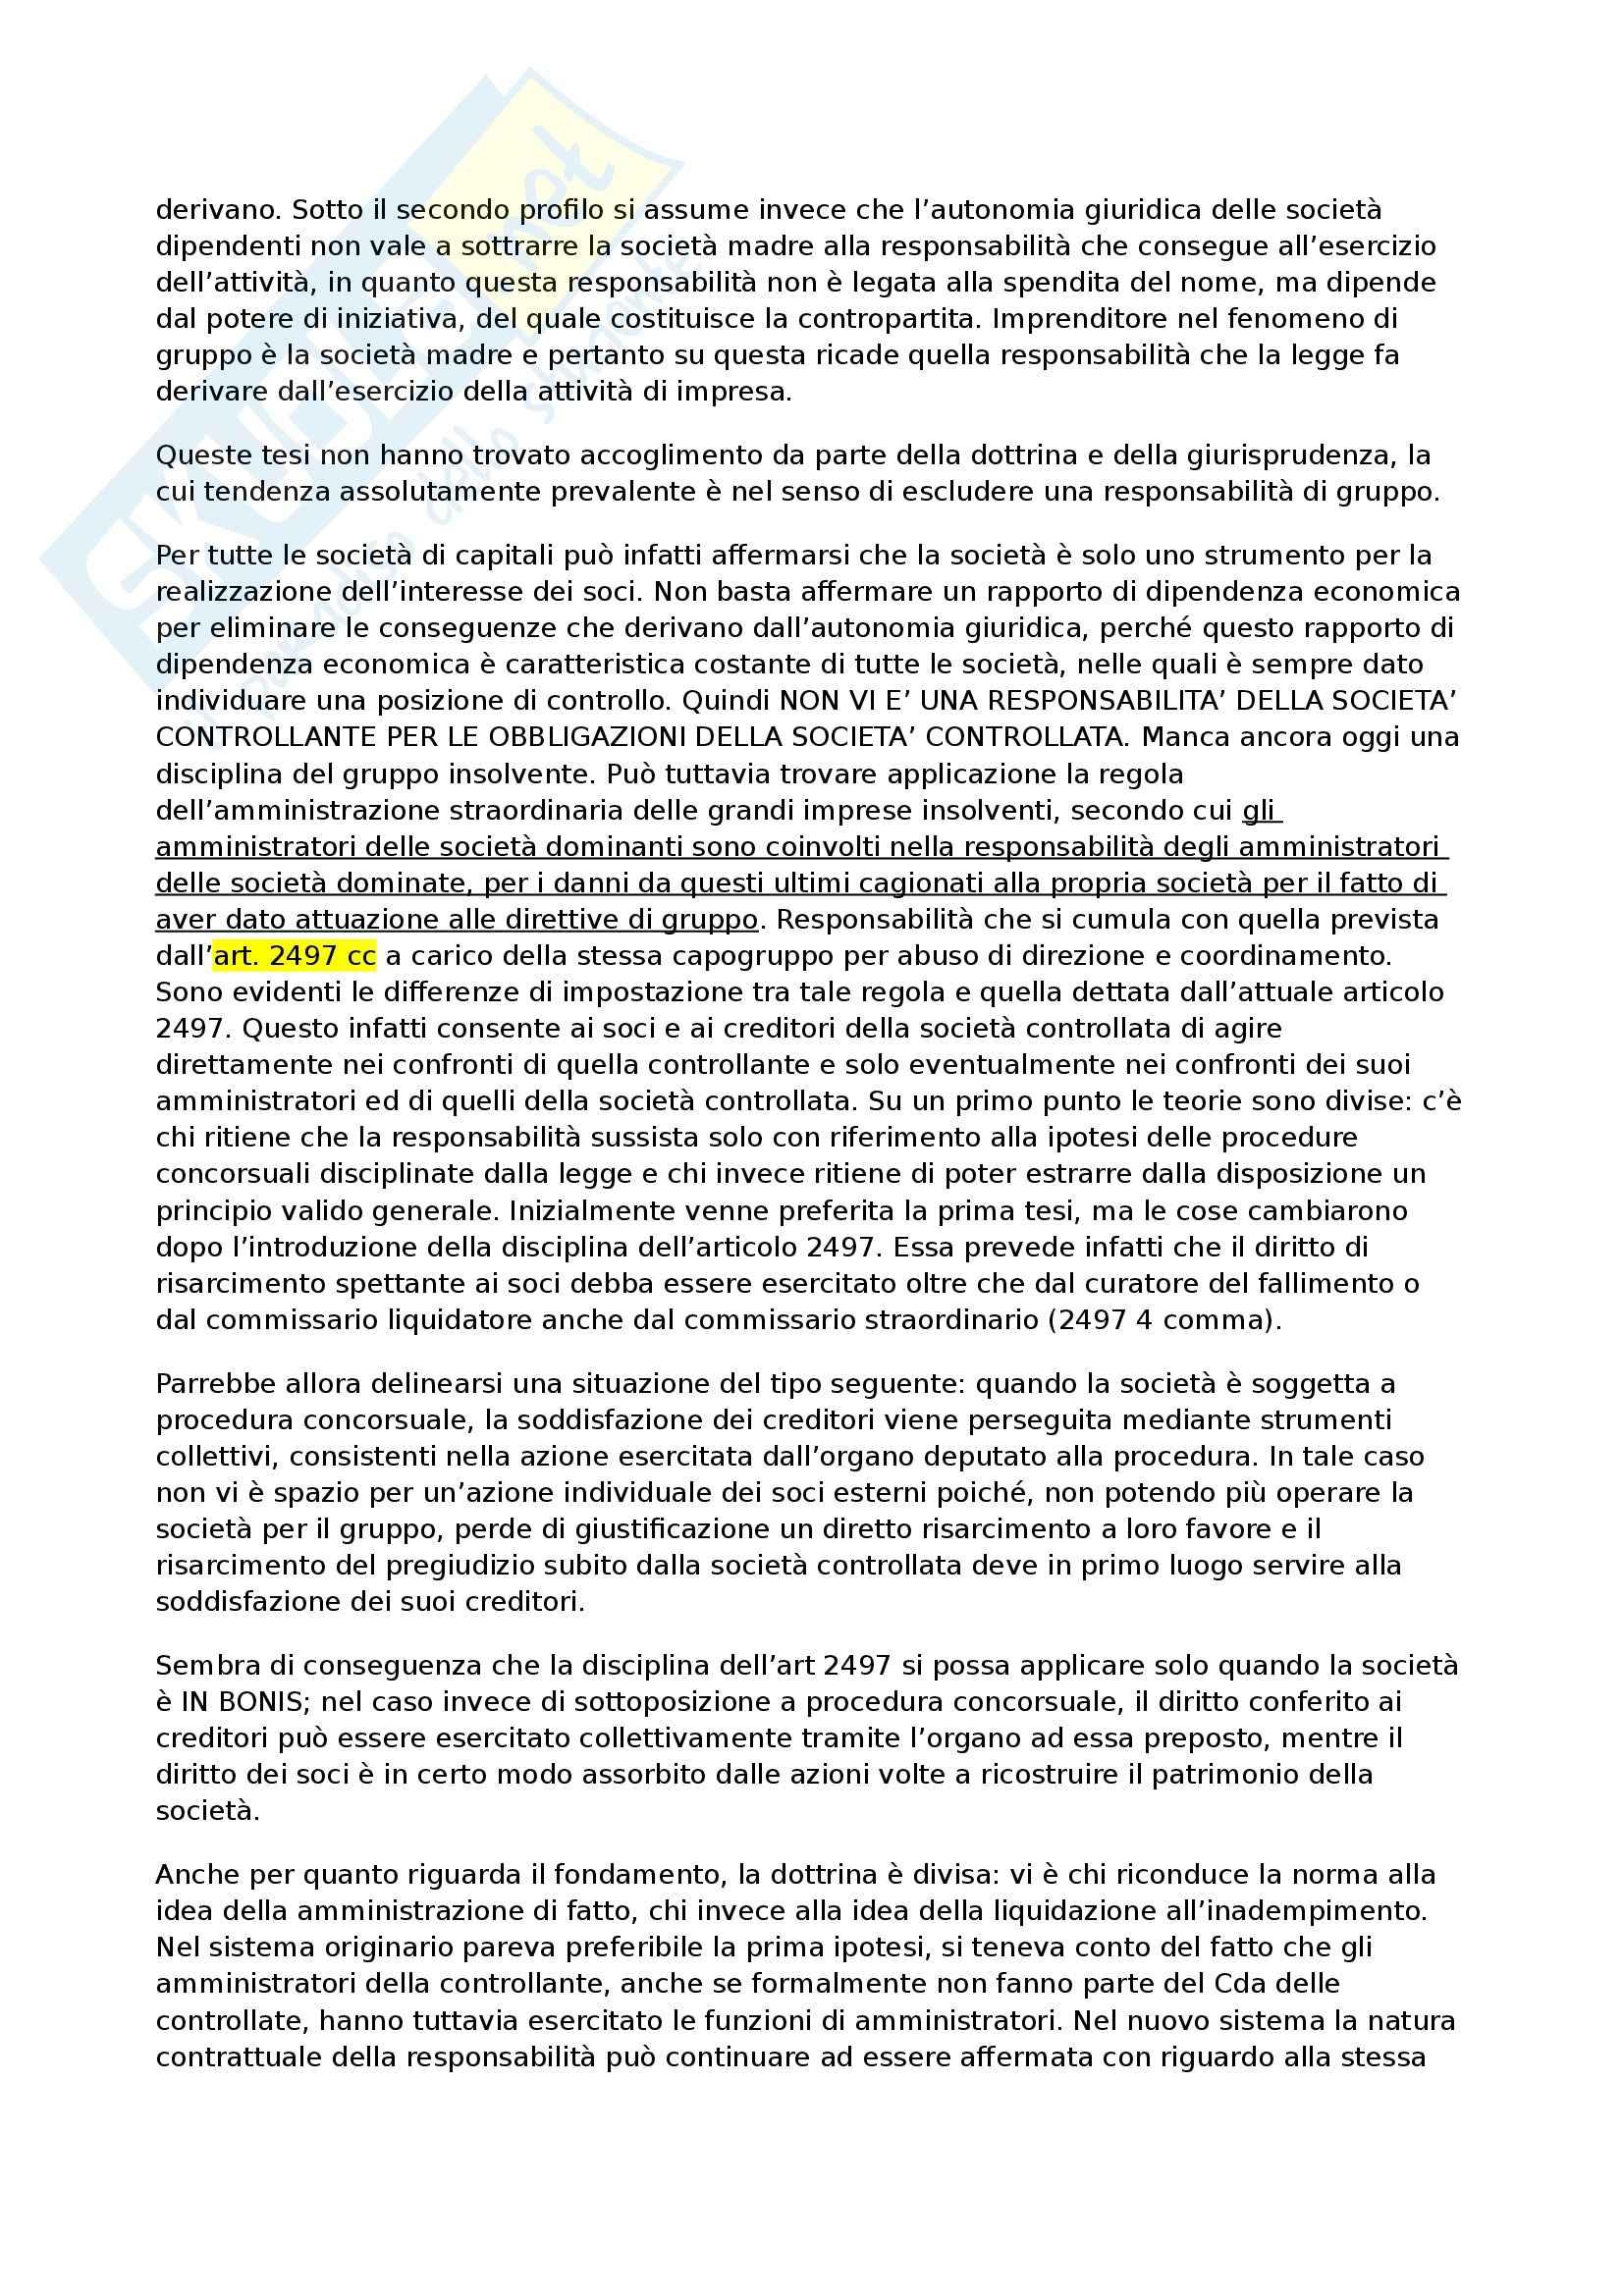 Diritto commerciale - gruppi di società Pag. 6